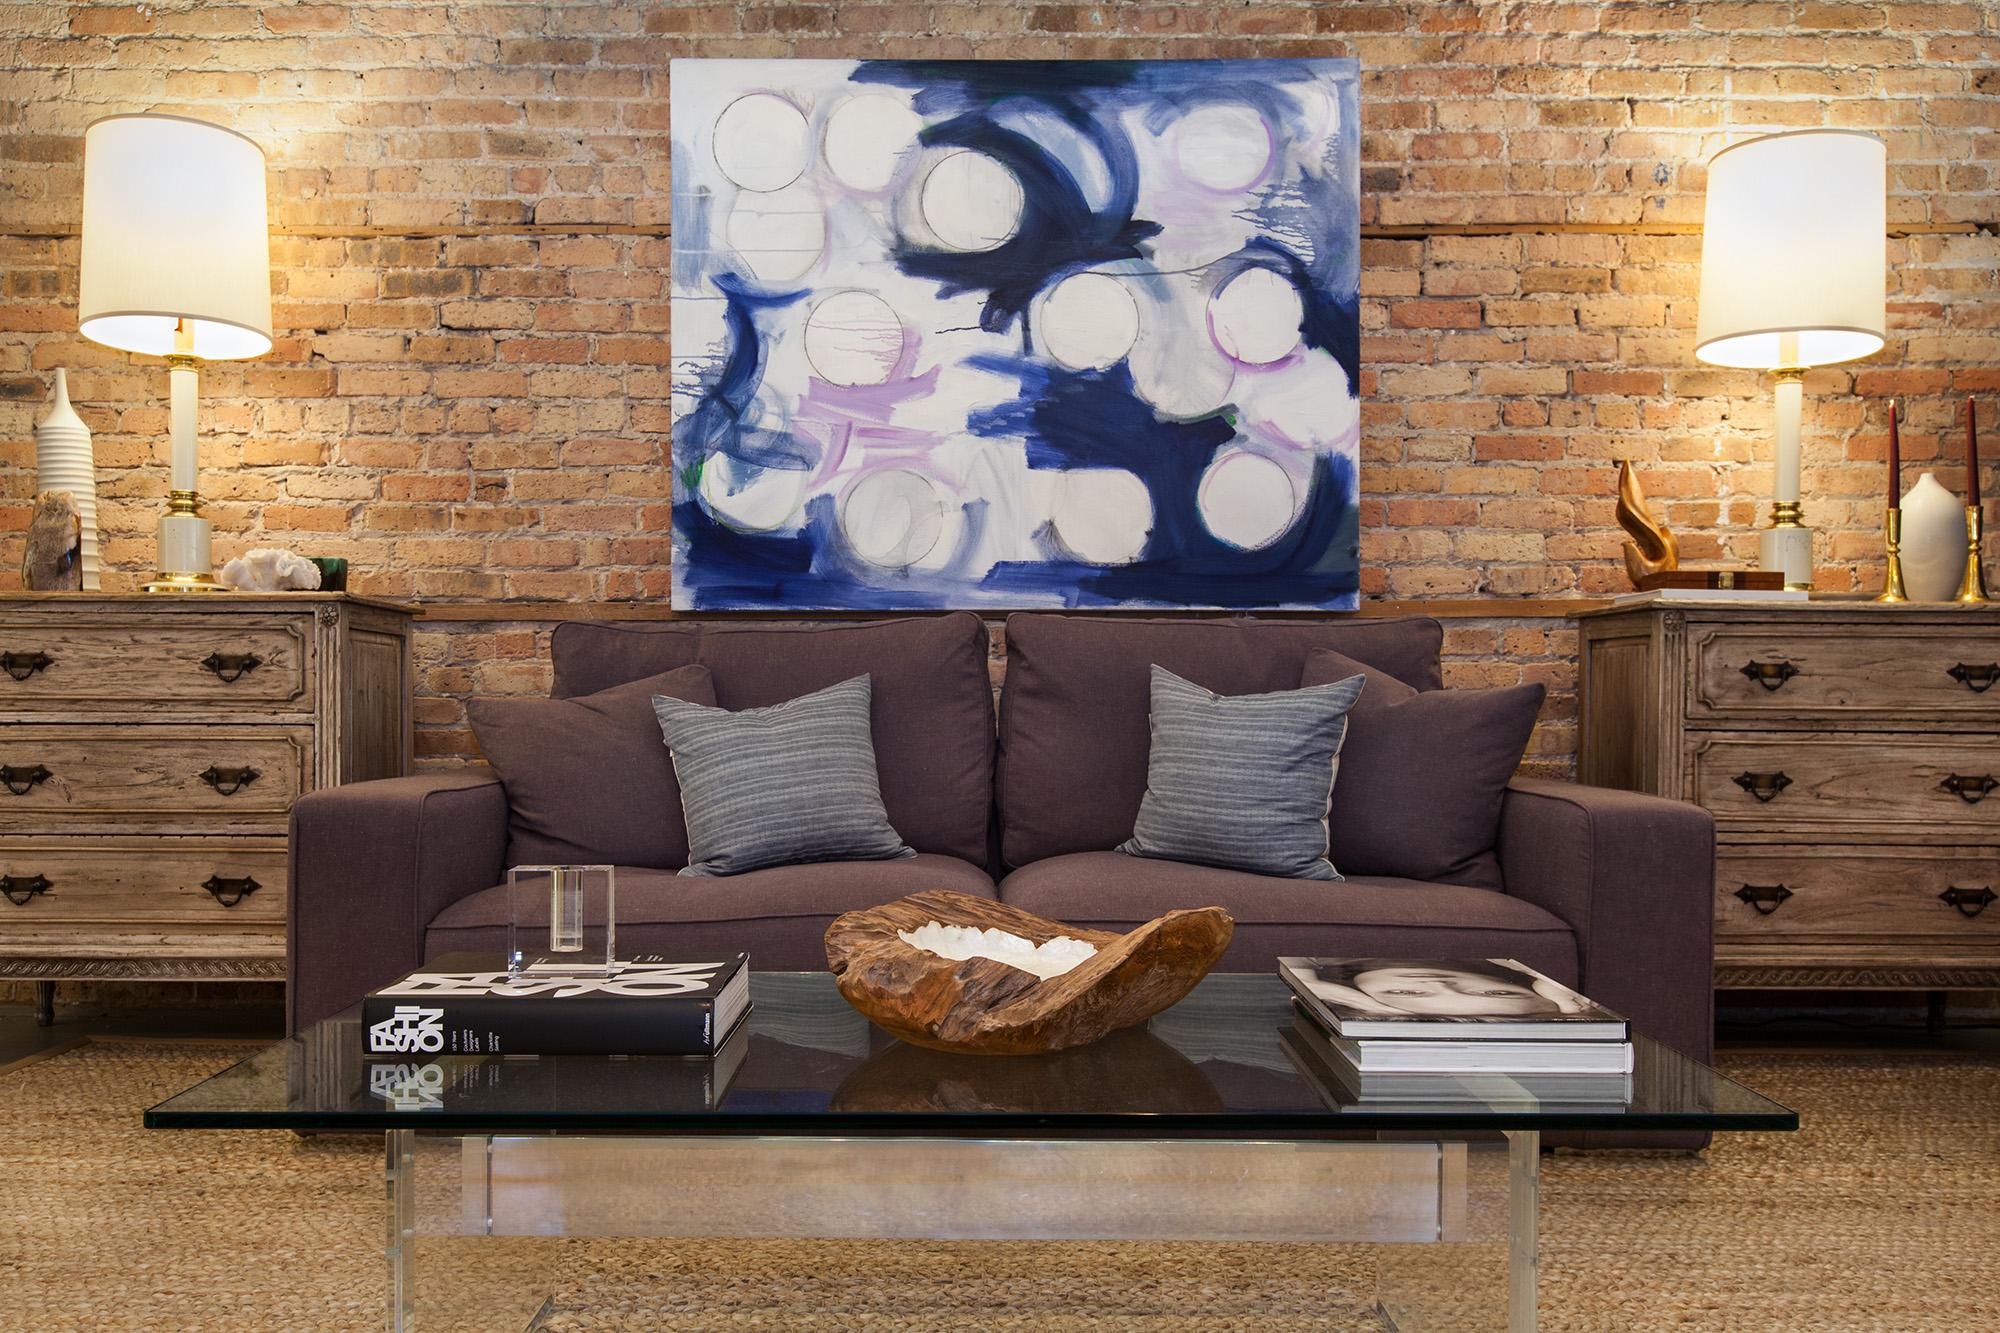 interior_define_chicago_photographer.jpg